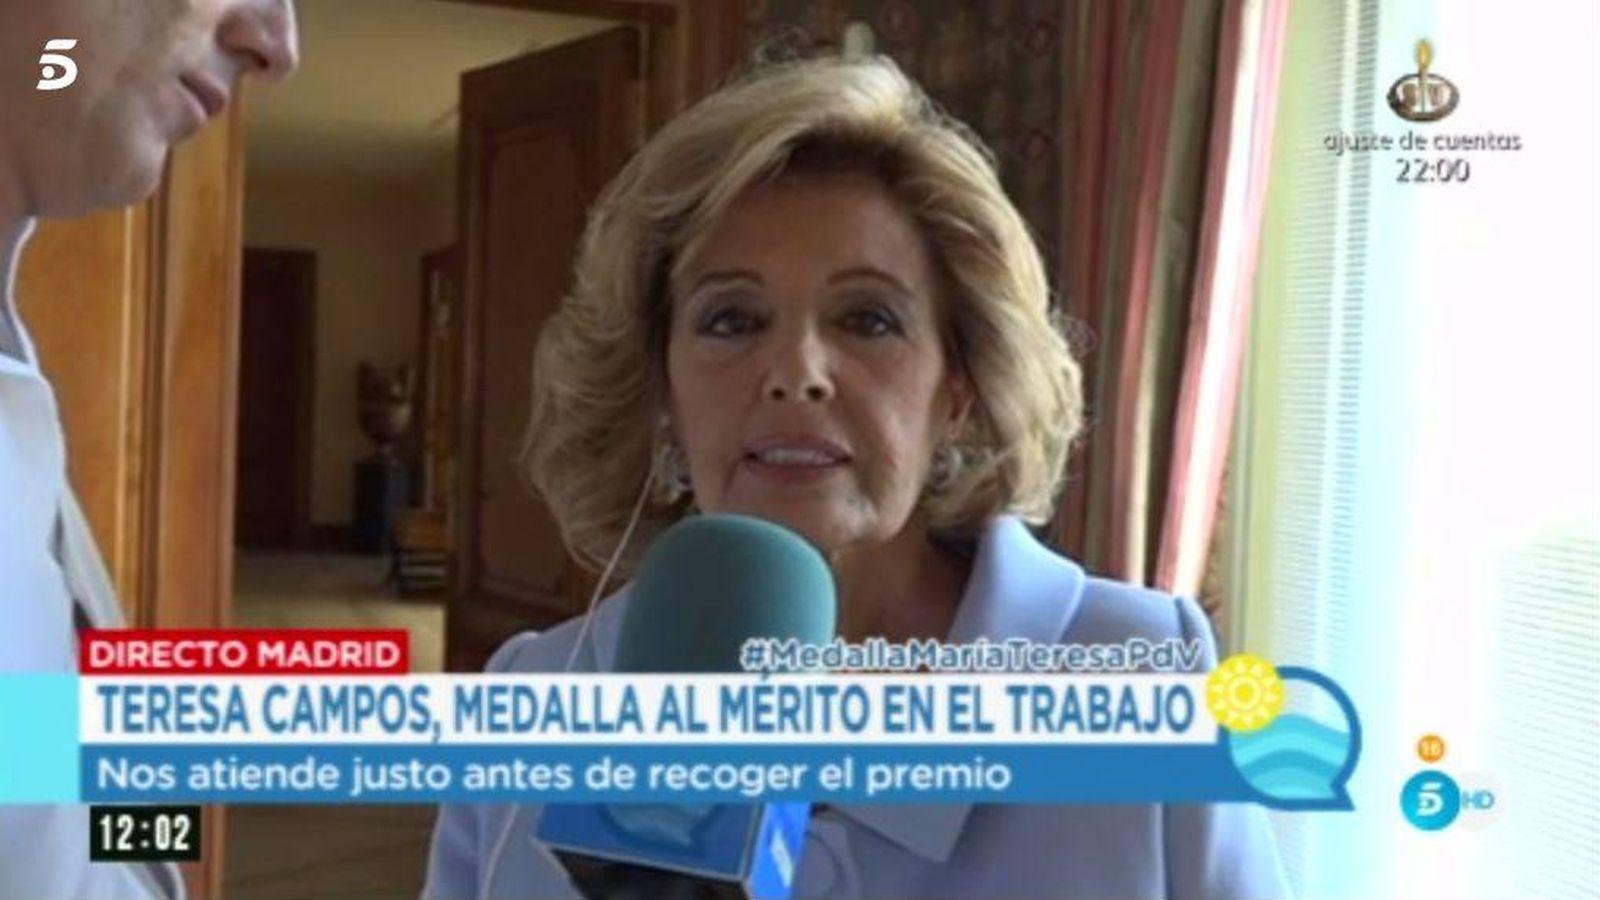 Foto: María Teresa Campos anuncia su regreso a la televisión.